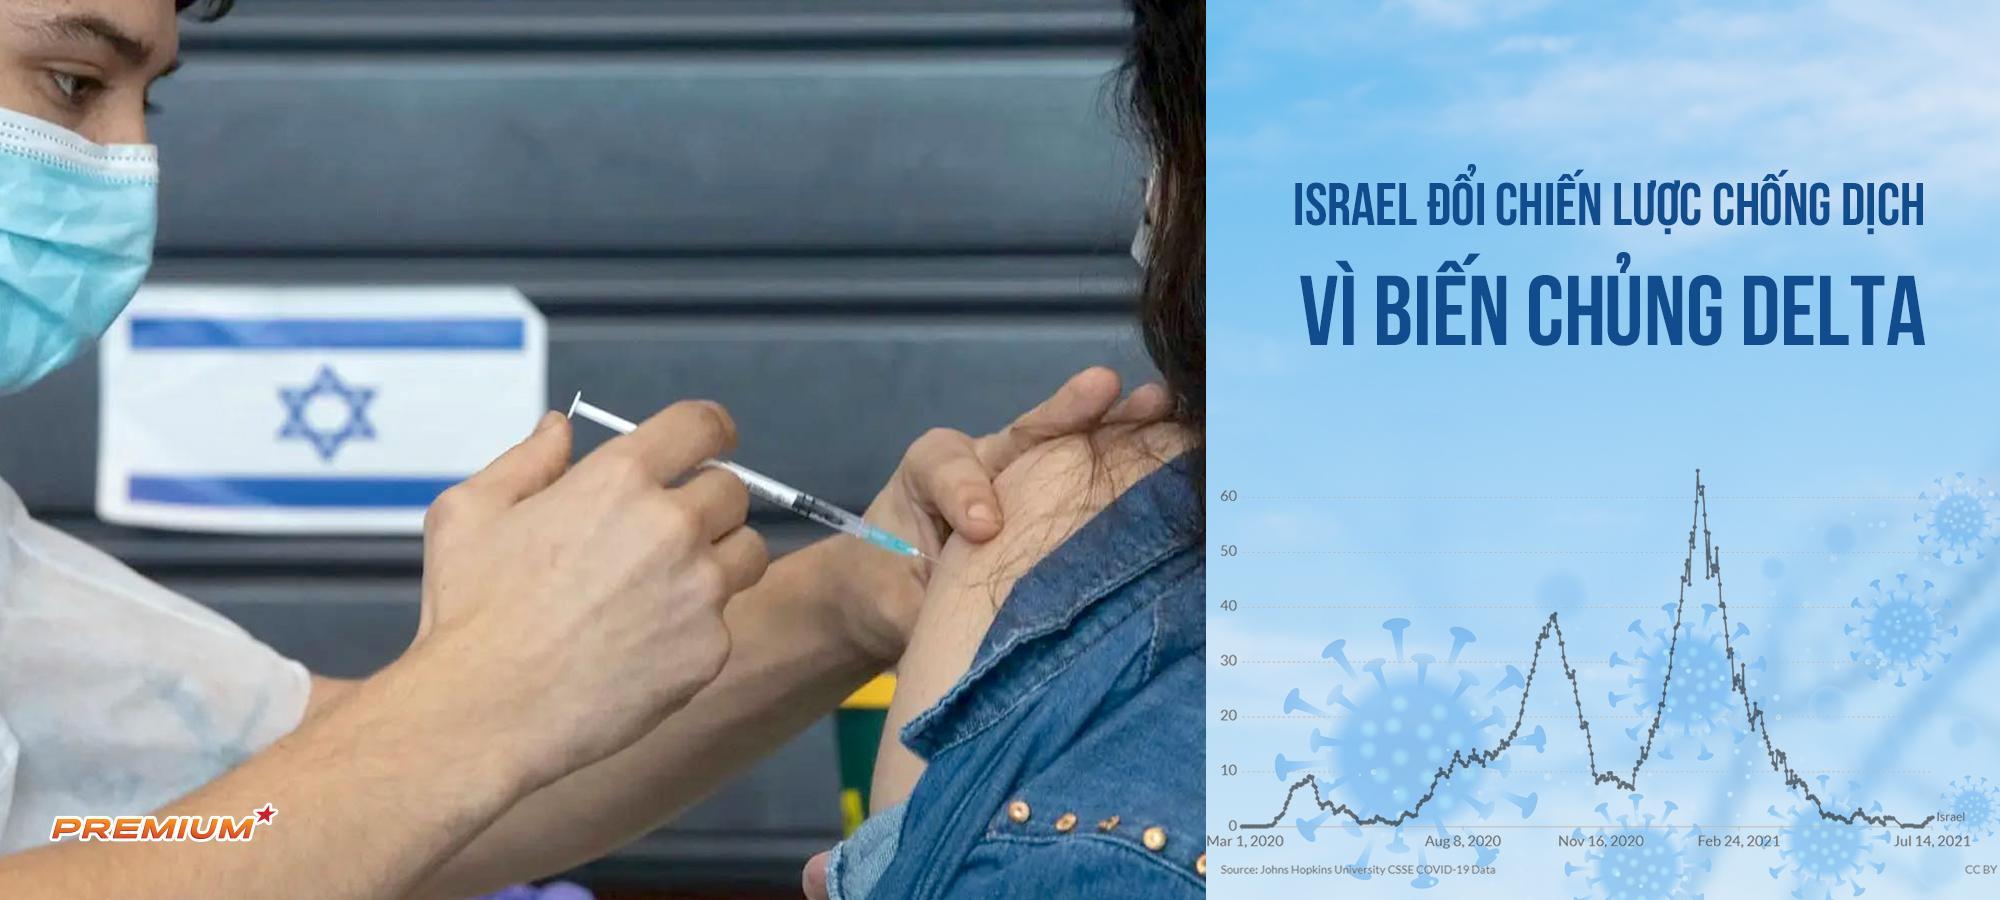 Israel đổi chiến lược chống dịch vì biến chủng Delta